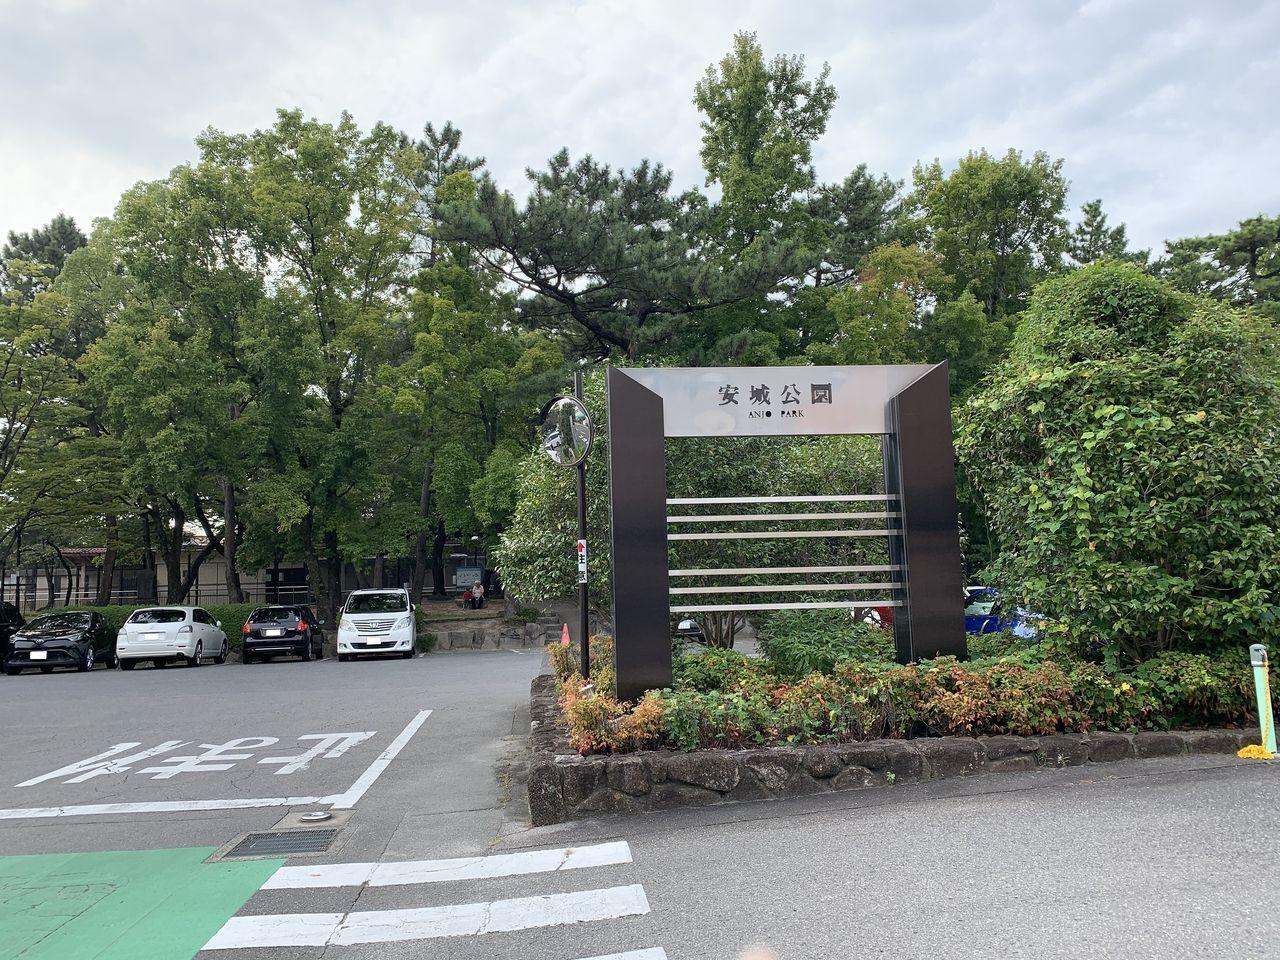 約149m 約200本の桜が植えられている桜の名所であり、桜まつりの時期には写生大会や安城七夕親善大使を写す会が開催される。アライグマやシカがいる小動物園やバードハウスがある